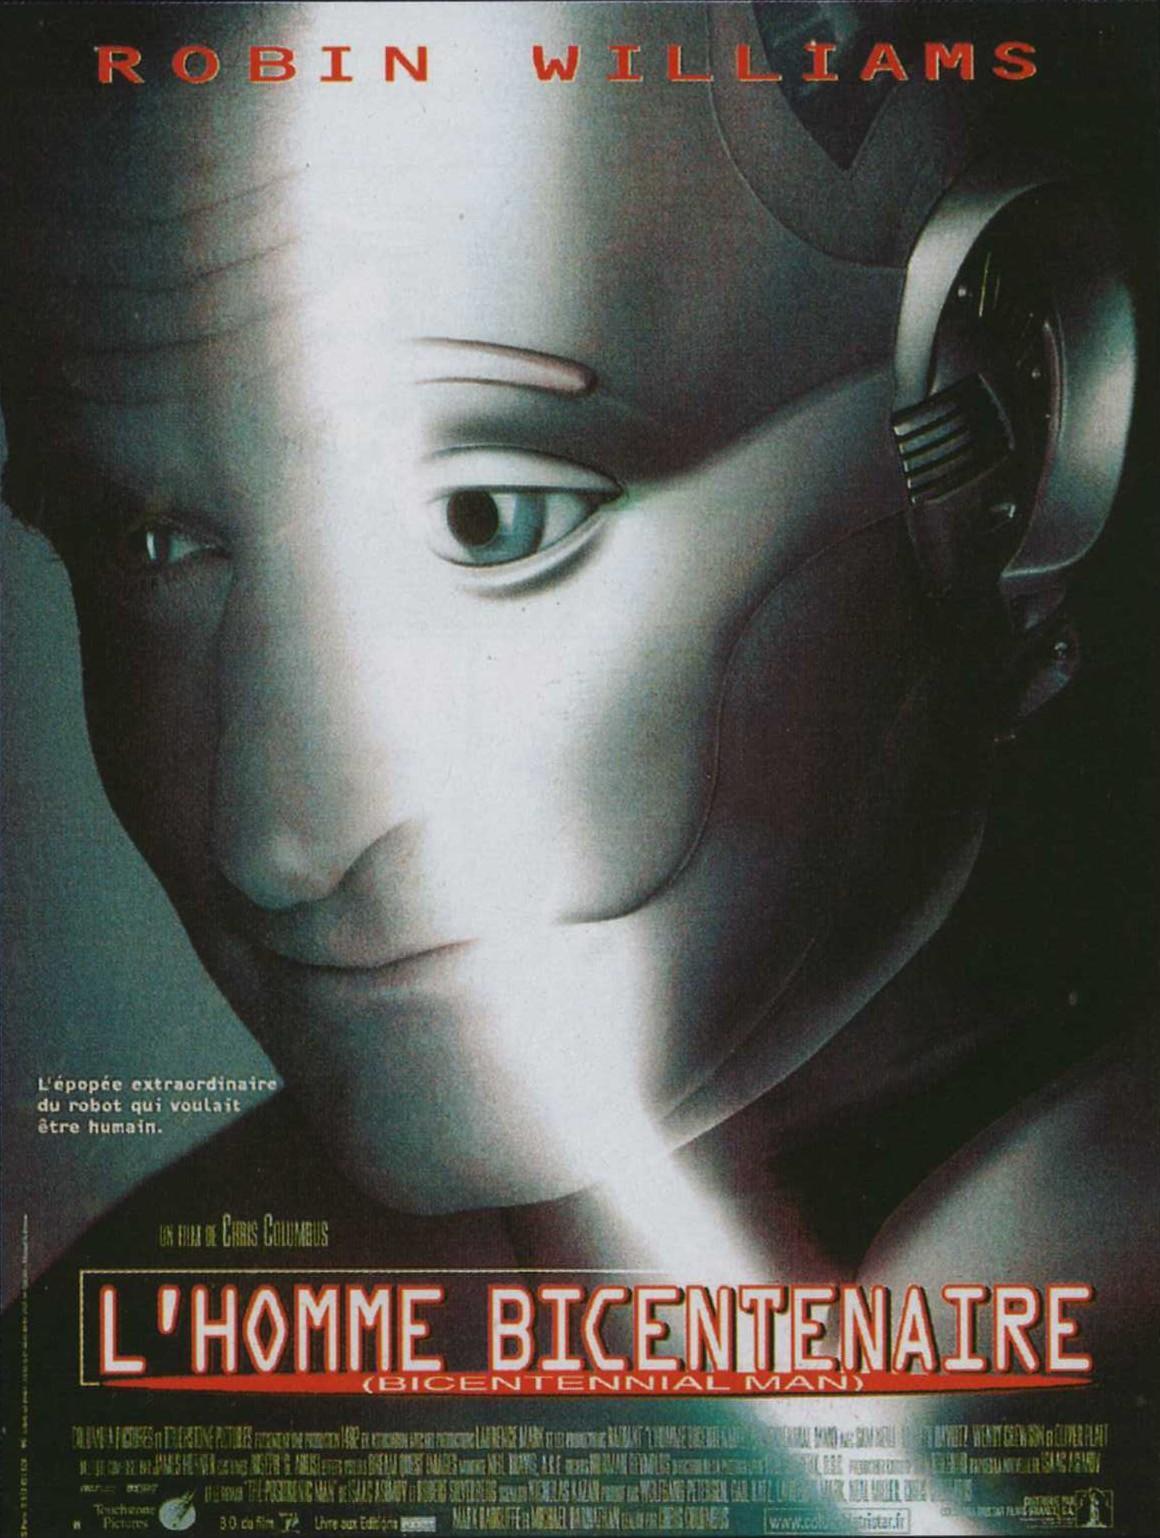 Affiche Poster Homme bicentenaire Bicentennial Man Disney Touchstone Pictures